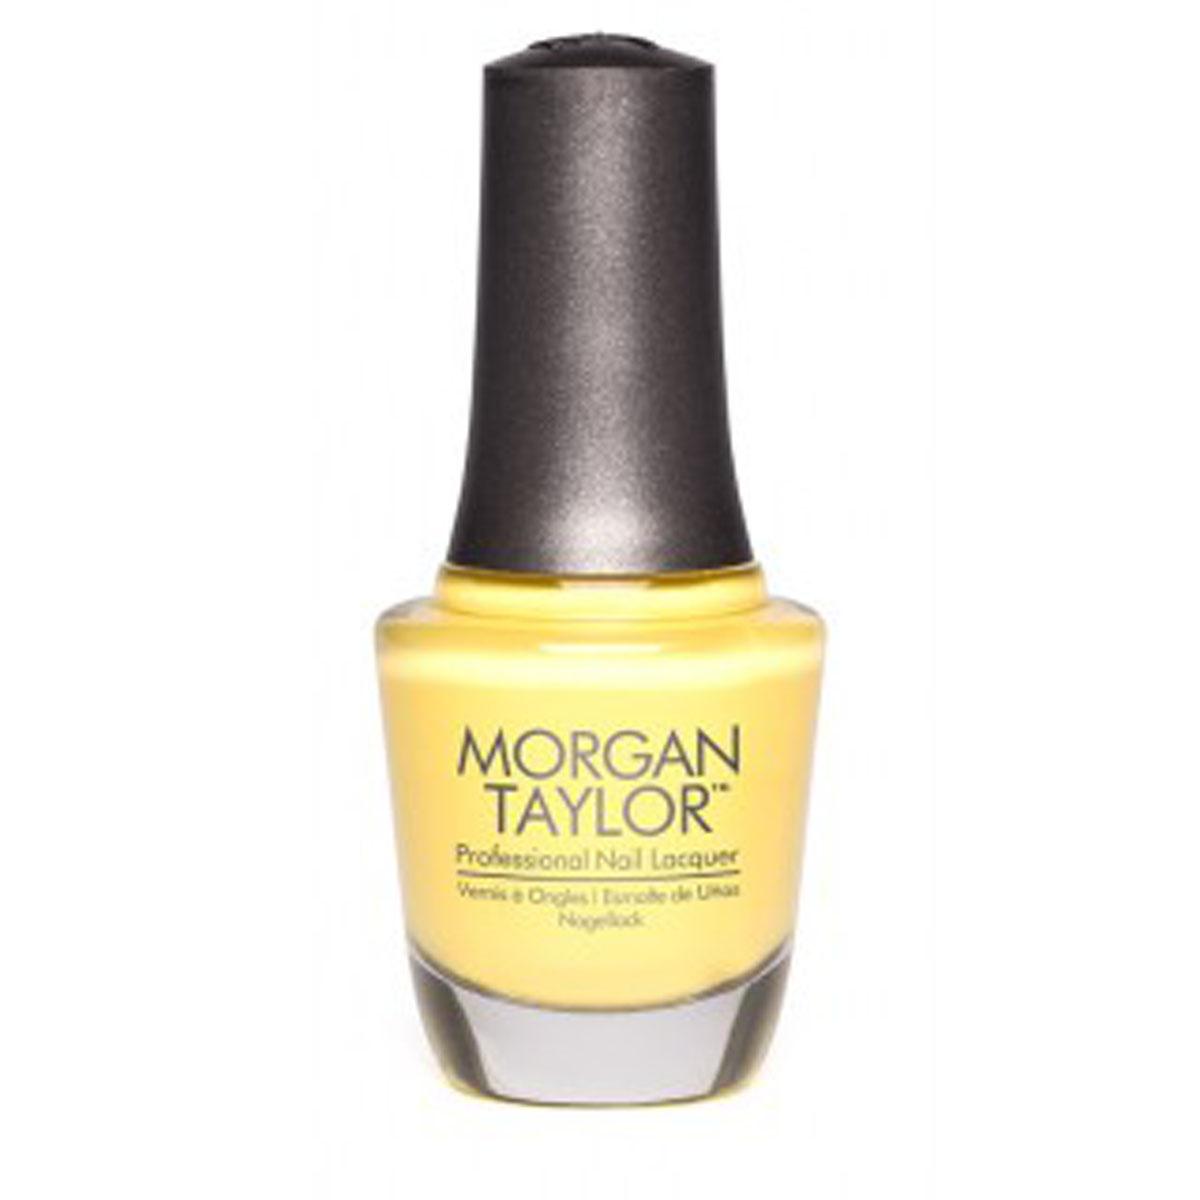 Morgan Taylor Лак для ногтей Doo Wop/Подпевай мне, 15 мл50131Плотная ярко-желтая эмаль. Эксклюзивная коллекция Morgan Taylor™ насыщена редкими и драгоценными составляющими. Оттенки основаны на светящихся жемчужинах, оловянных сплавах, мерцающем серебре и лучезарном золоте. Все пигменты перетерты в мельчайшую пыль и используются без разбавления другими красителями: в итоге лак получается благородным и дорогим. Наша обязанность перед мастером маникюра — предложить безопасное профессиональное цветное покрытие. Именно поэтому наши лаки являются BIG3FREE: не содержат формальдегида, толуола и дибутилфталата. В работе с клиентом лак должен быть безупречным — от содержимого флакона до удобства нанесения. Индивидуальный проект и дизайн — сочетание удобства в работе и оптимального веса флакона. Кристально-прозрачное итальянское стекло — это качество стекла позволяет вам видеть цвет лака без искажений, поэтому вопрос выбора цветного покрытия клиентом и мастером решается быстро и с легкостью. Удобный колпачок — воздушный, почти невесомый, он будто...